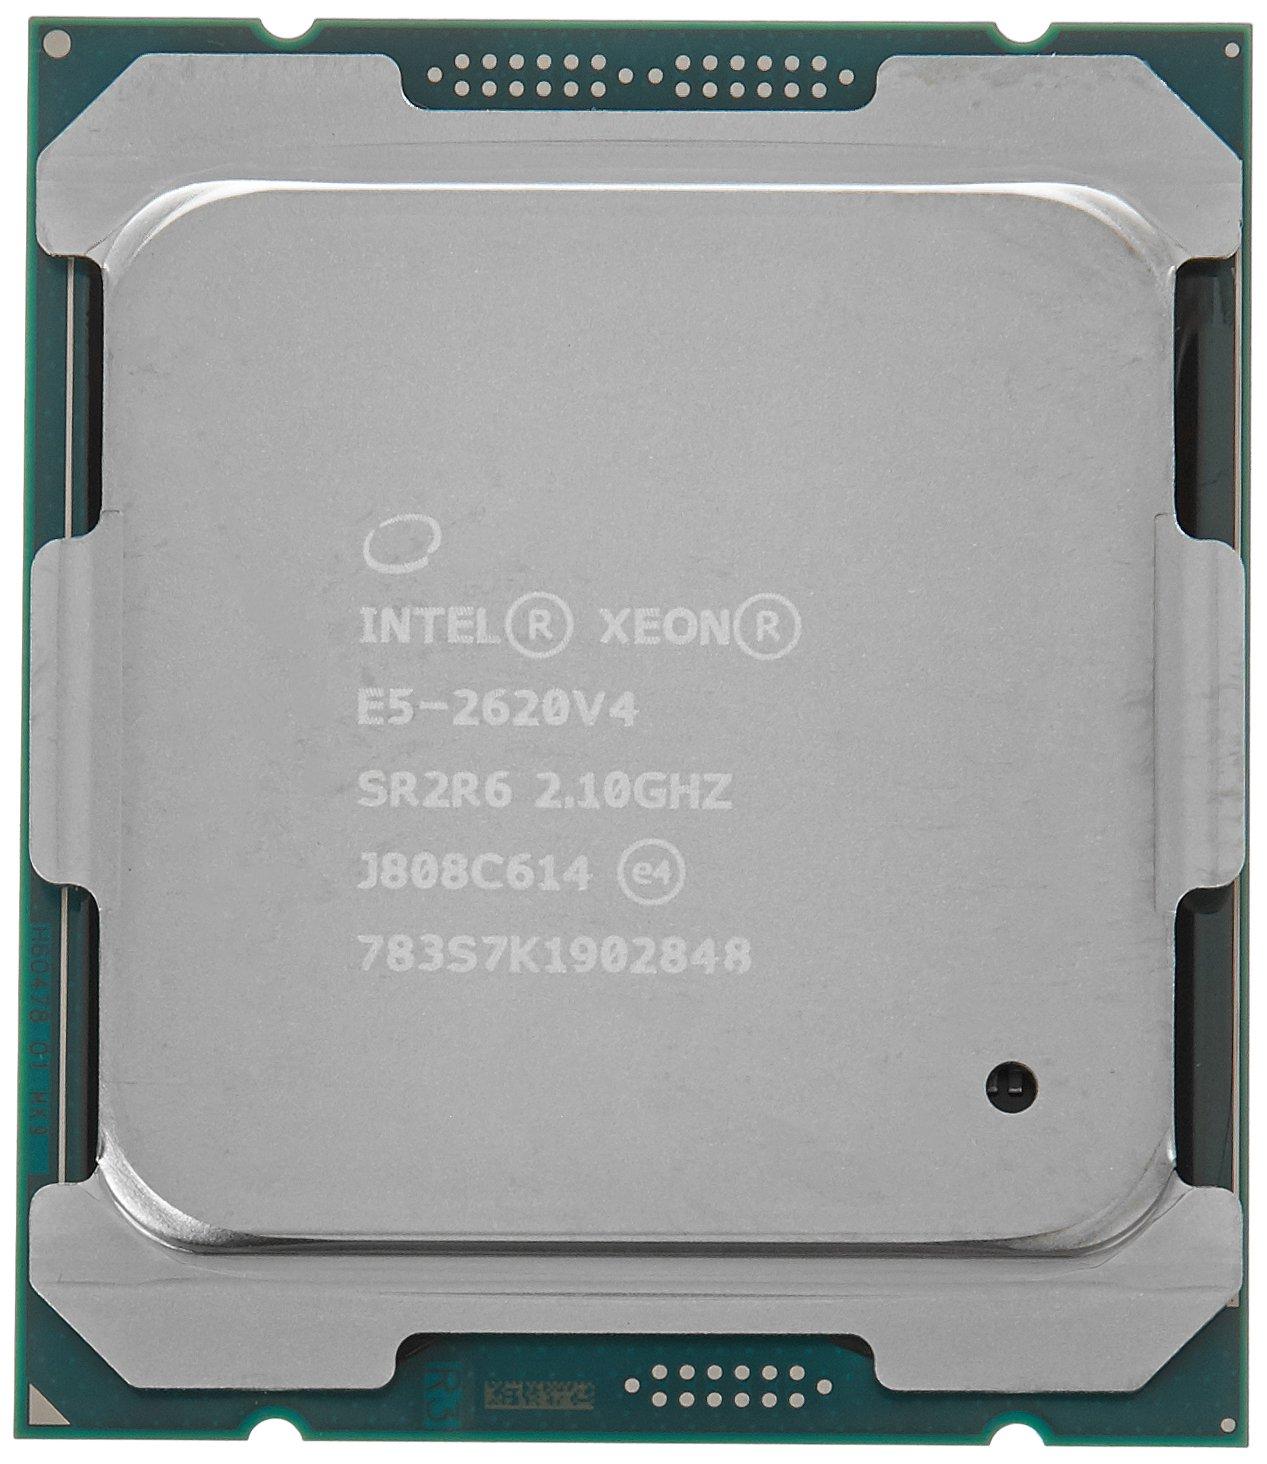 Intel bx80660e52620 V4 CPU/Xeon E5 - 2620 V4 2,10 GHz procesador Caja - Azul: Intel: Amazon.es: Informática